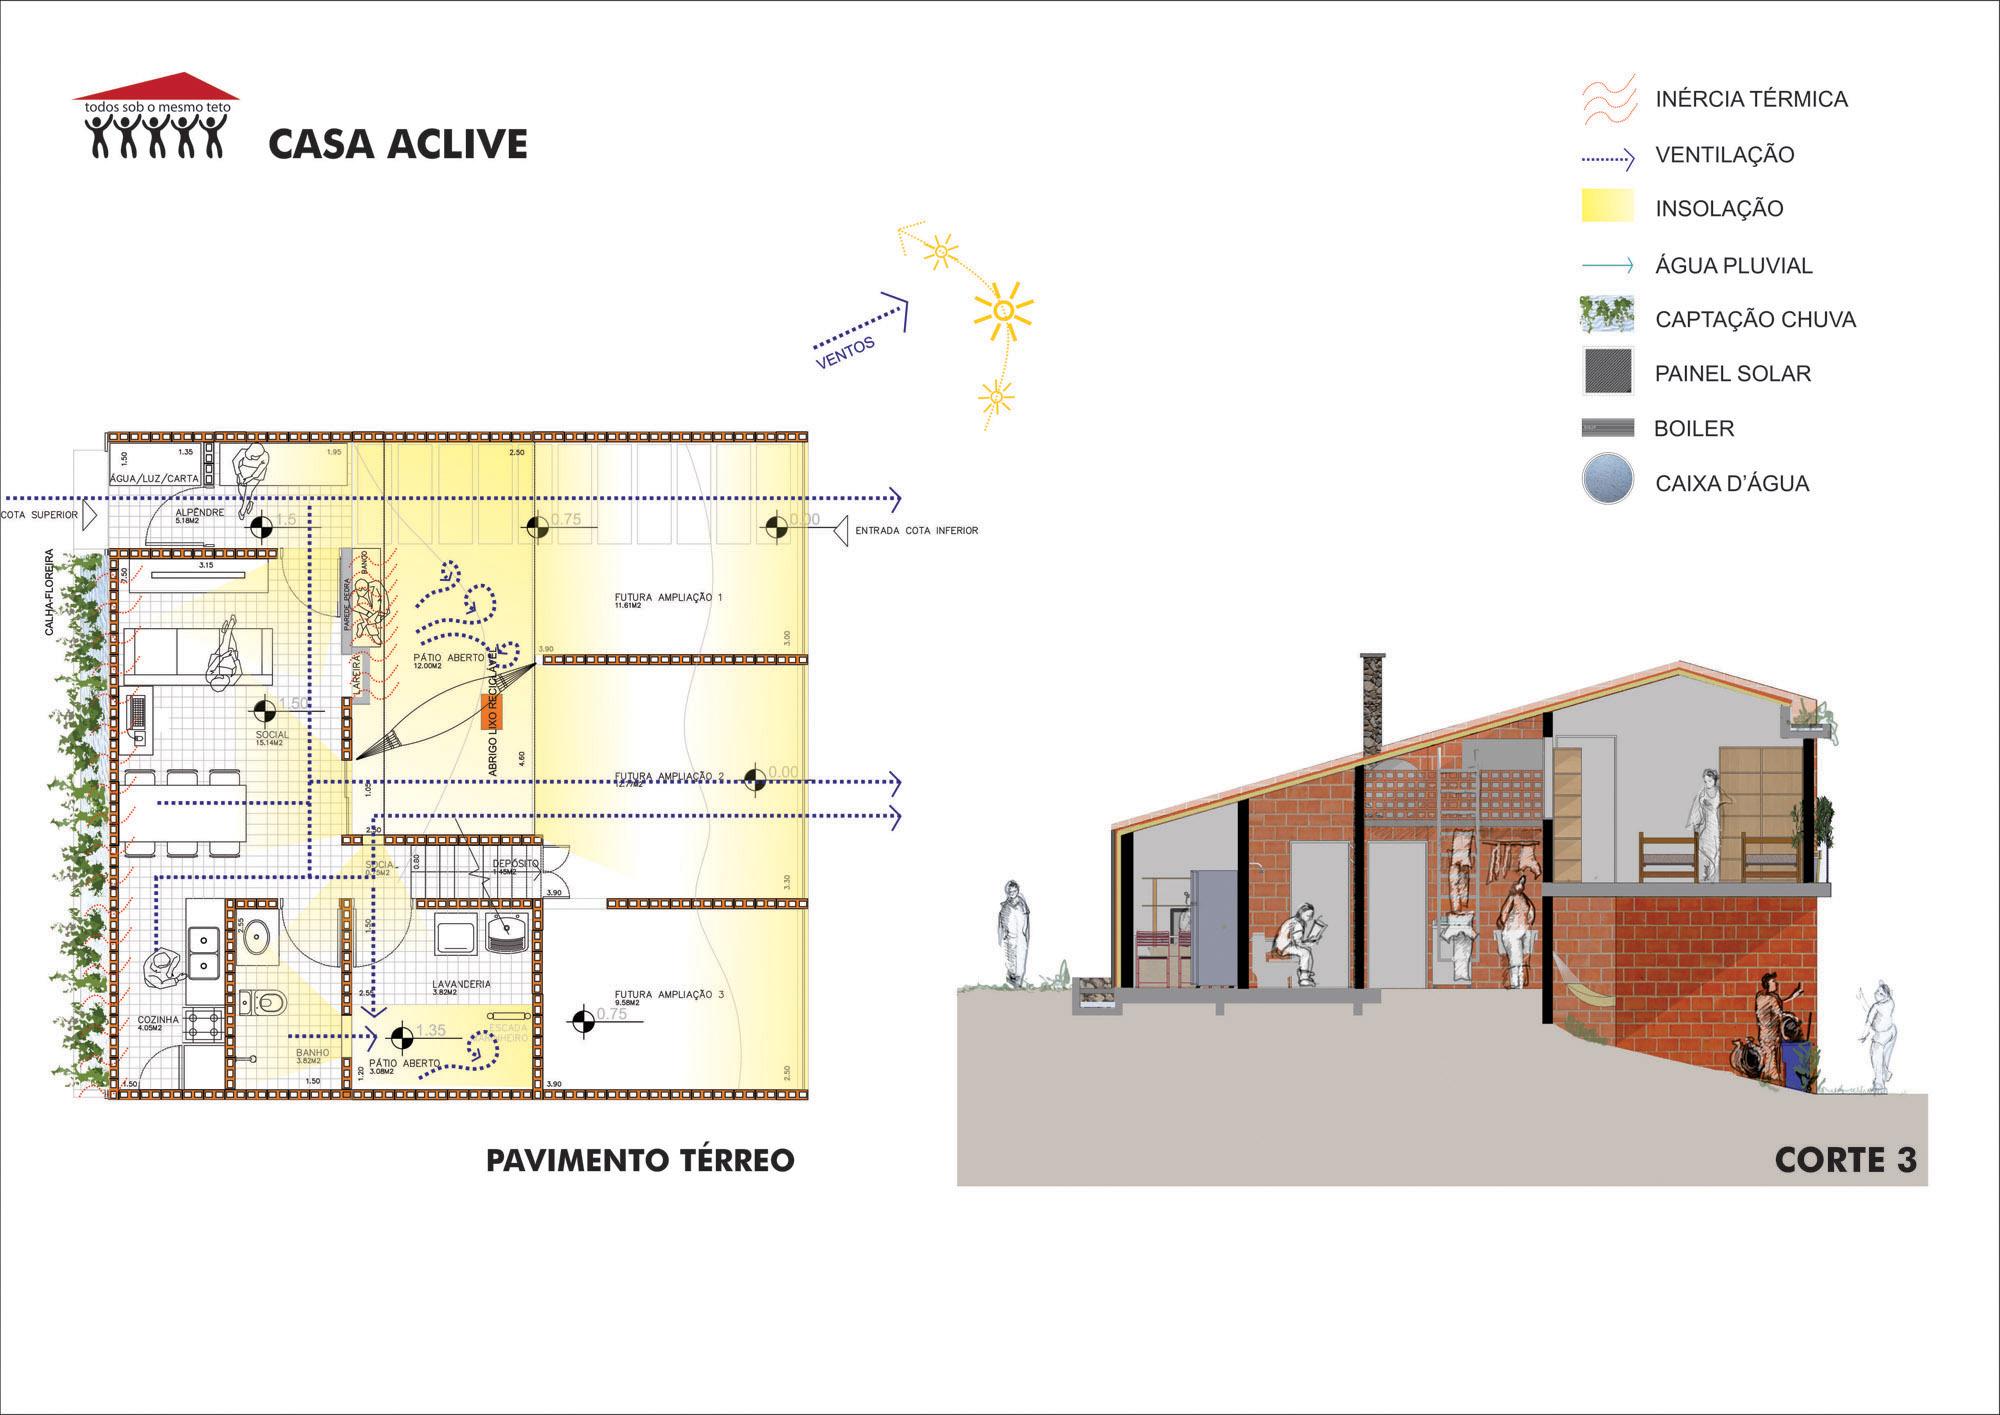 Top disenos para construir una casa images for pinterest for Planos de casas para construir gratis